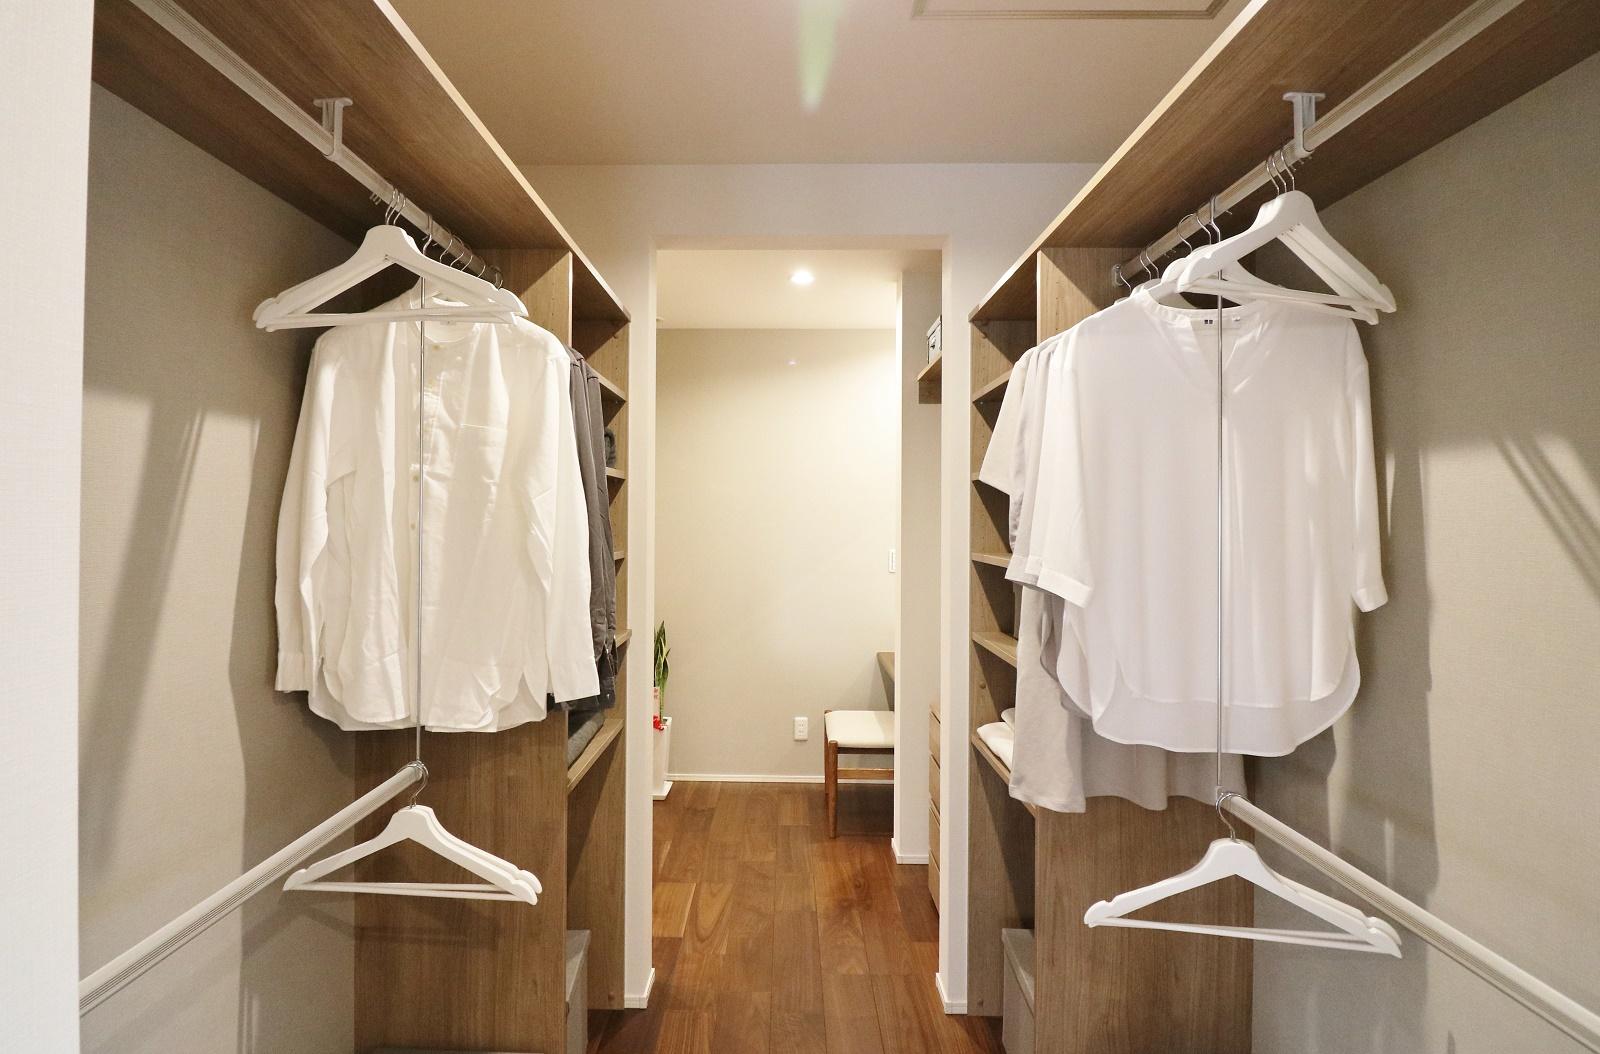 主寝室から大容量のウォークインクローゼットに繋がっています。その奥には身支度に便利なパウダールームも設置。